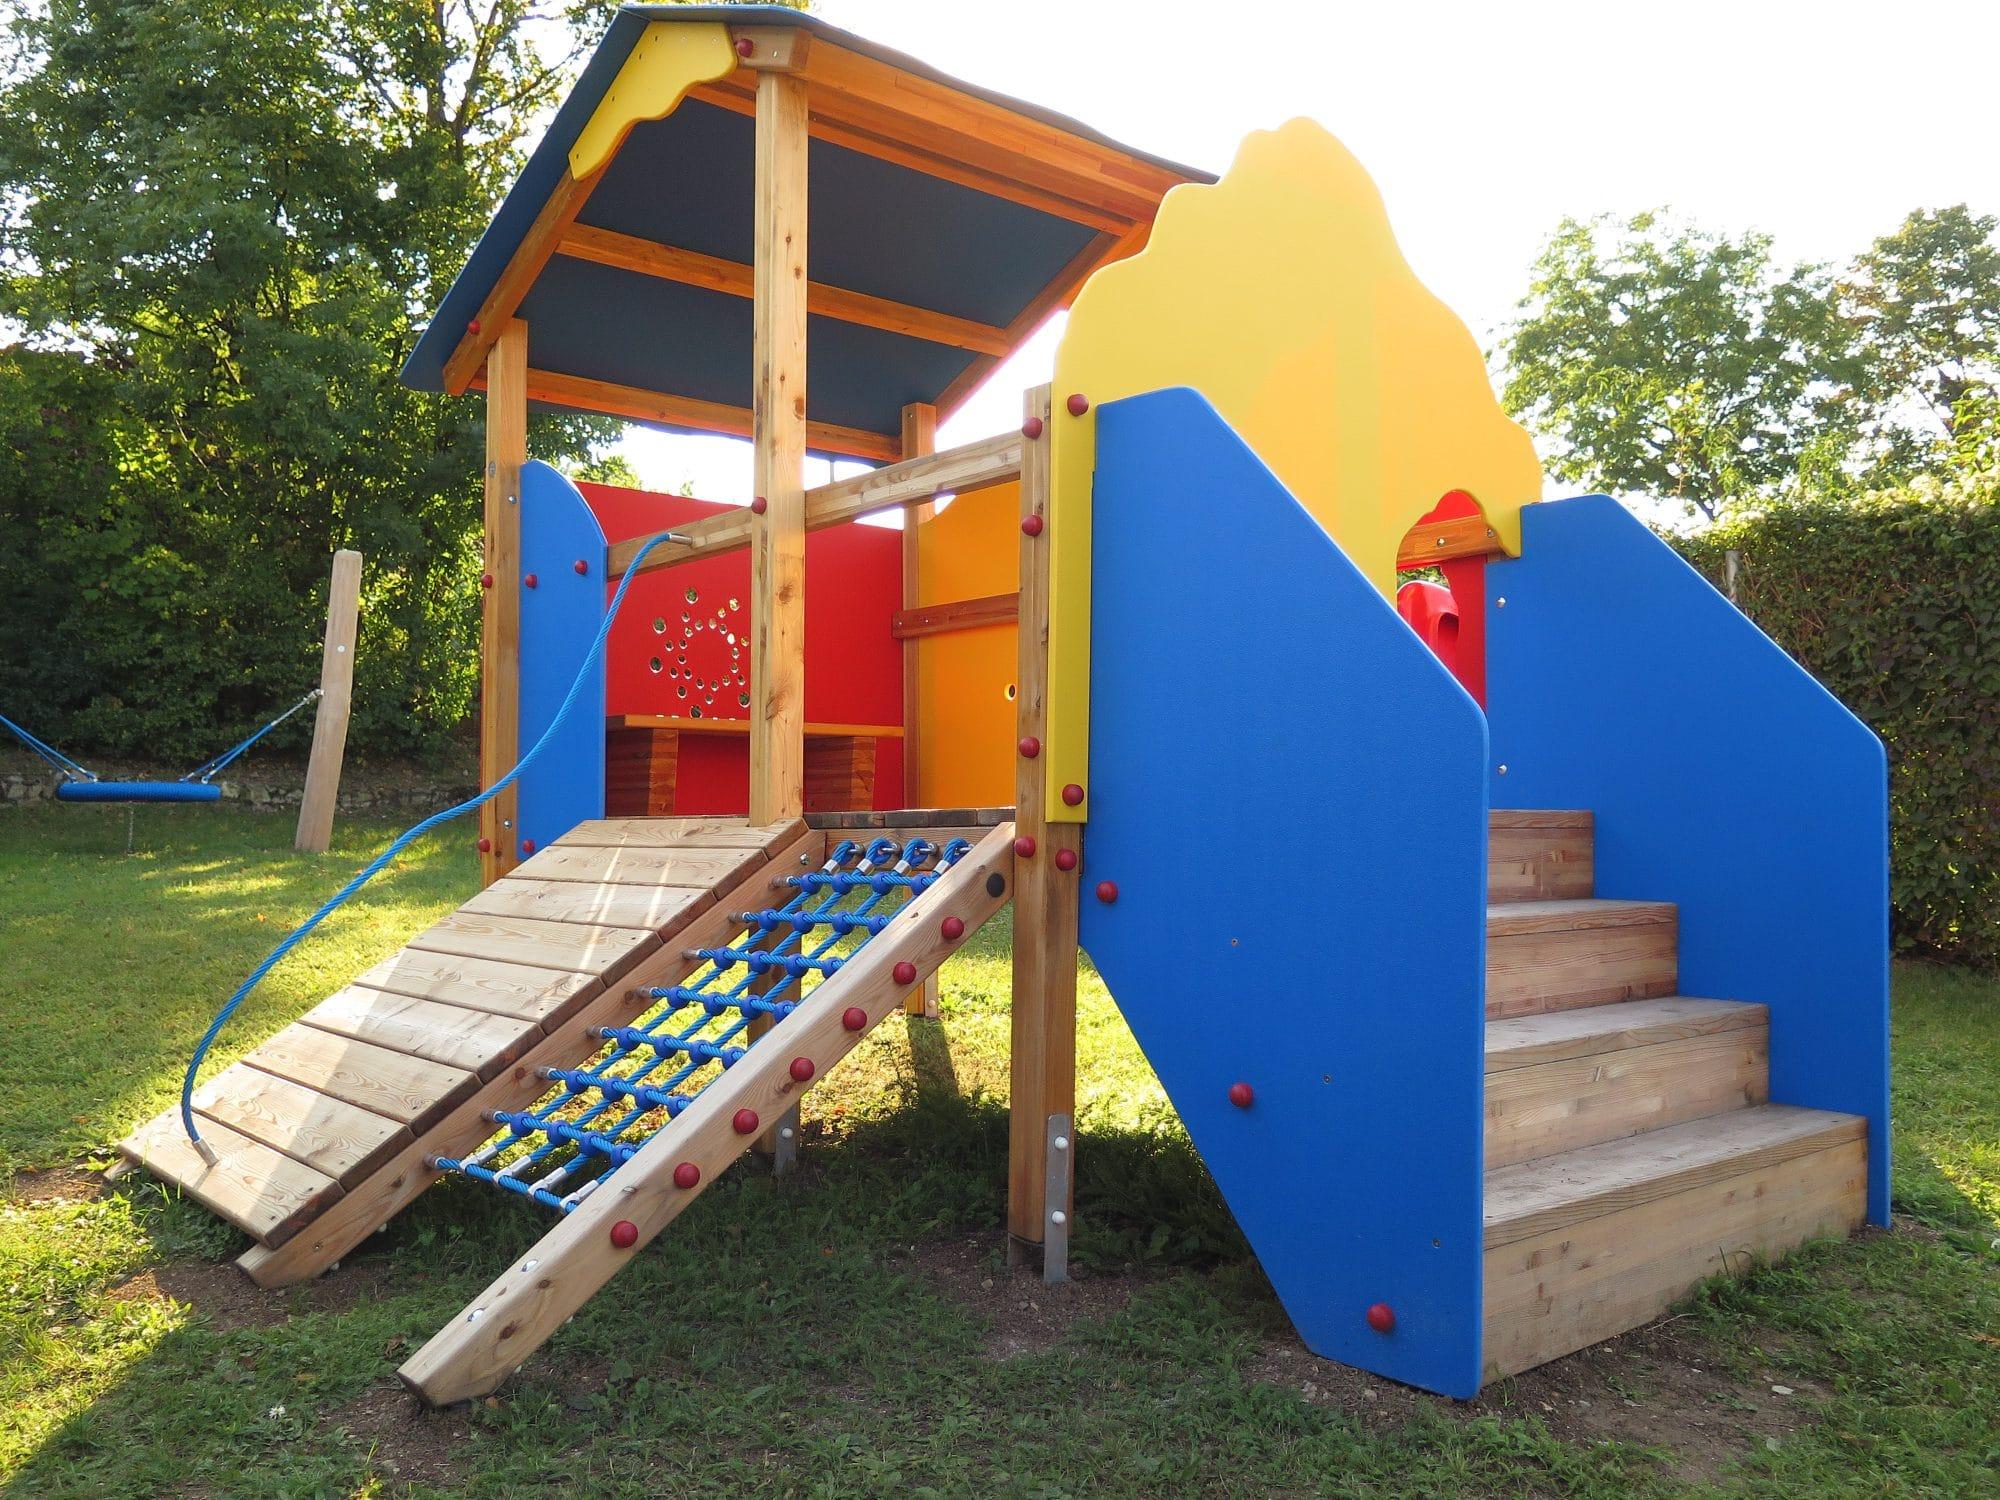 Spielgerätkombination Doppel-Turmanlage Sandra von FREISPIEL, dem Spielplatzbauer, kaufen